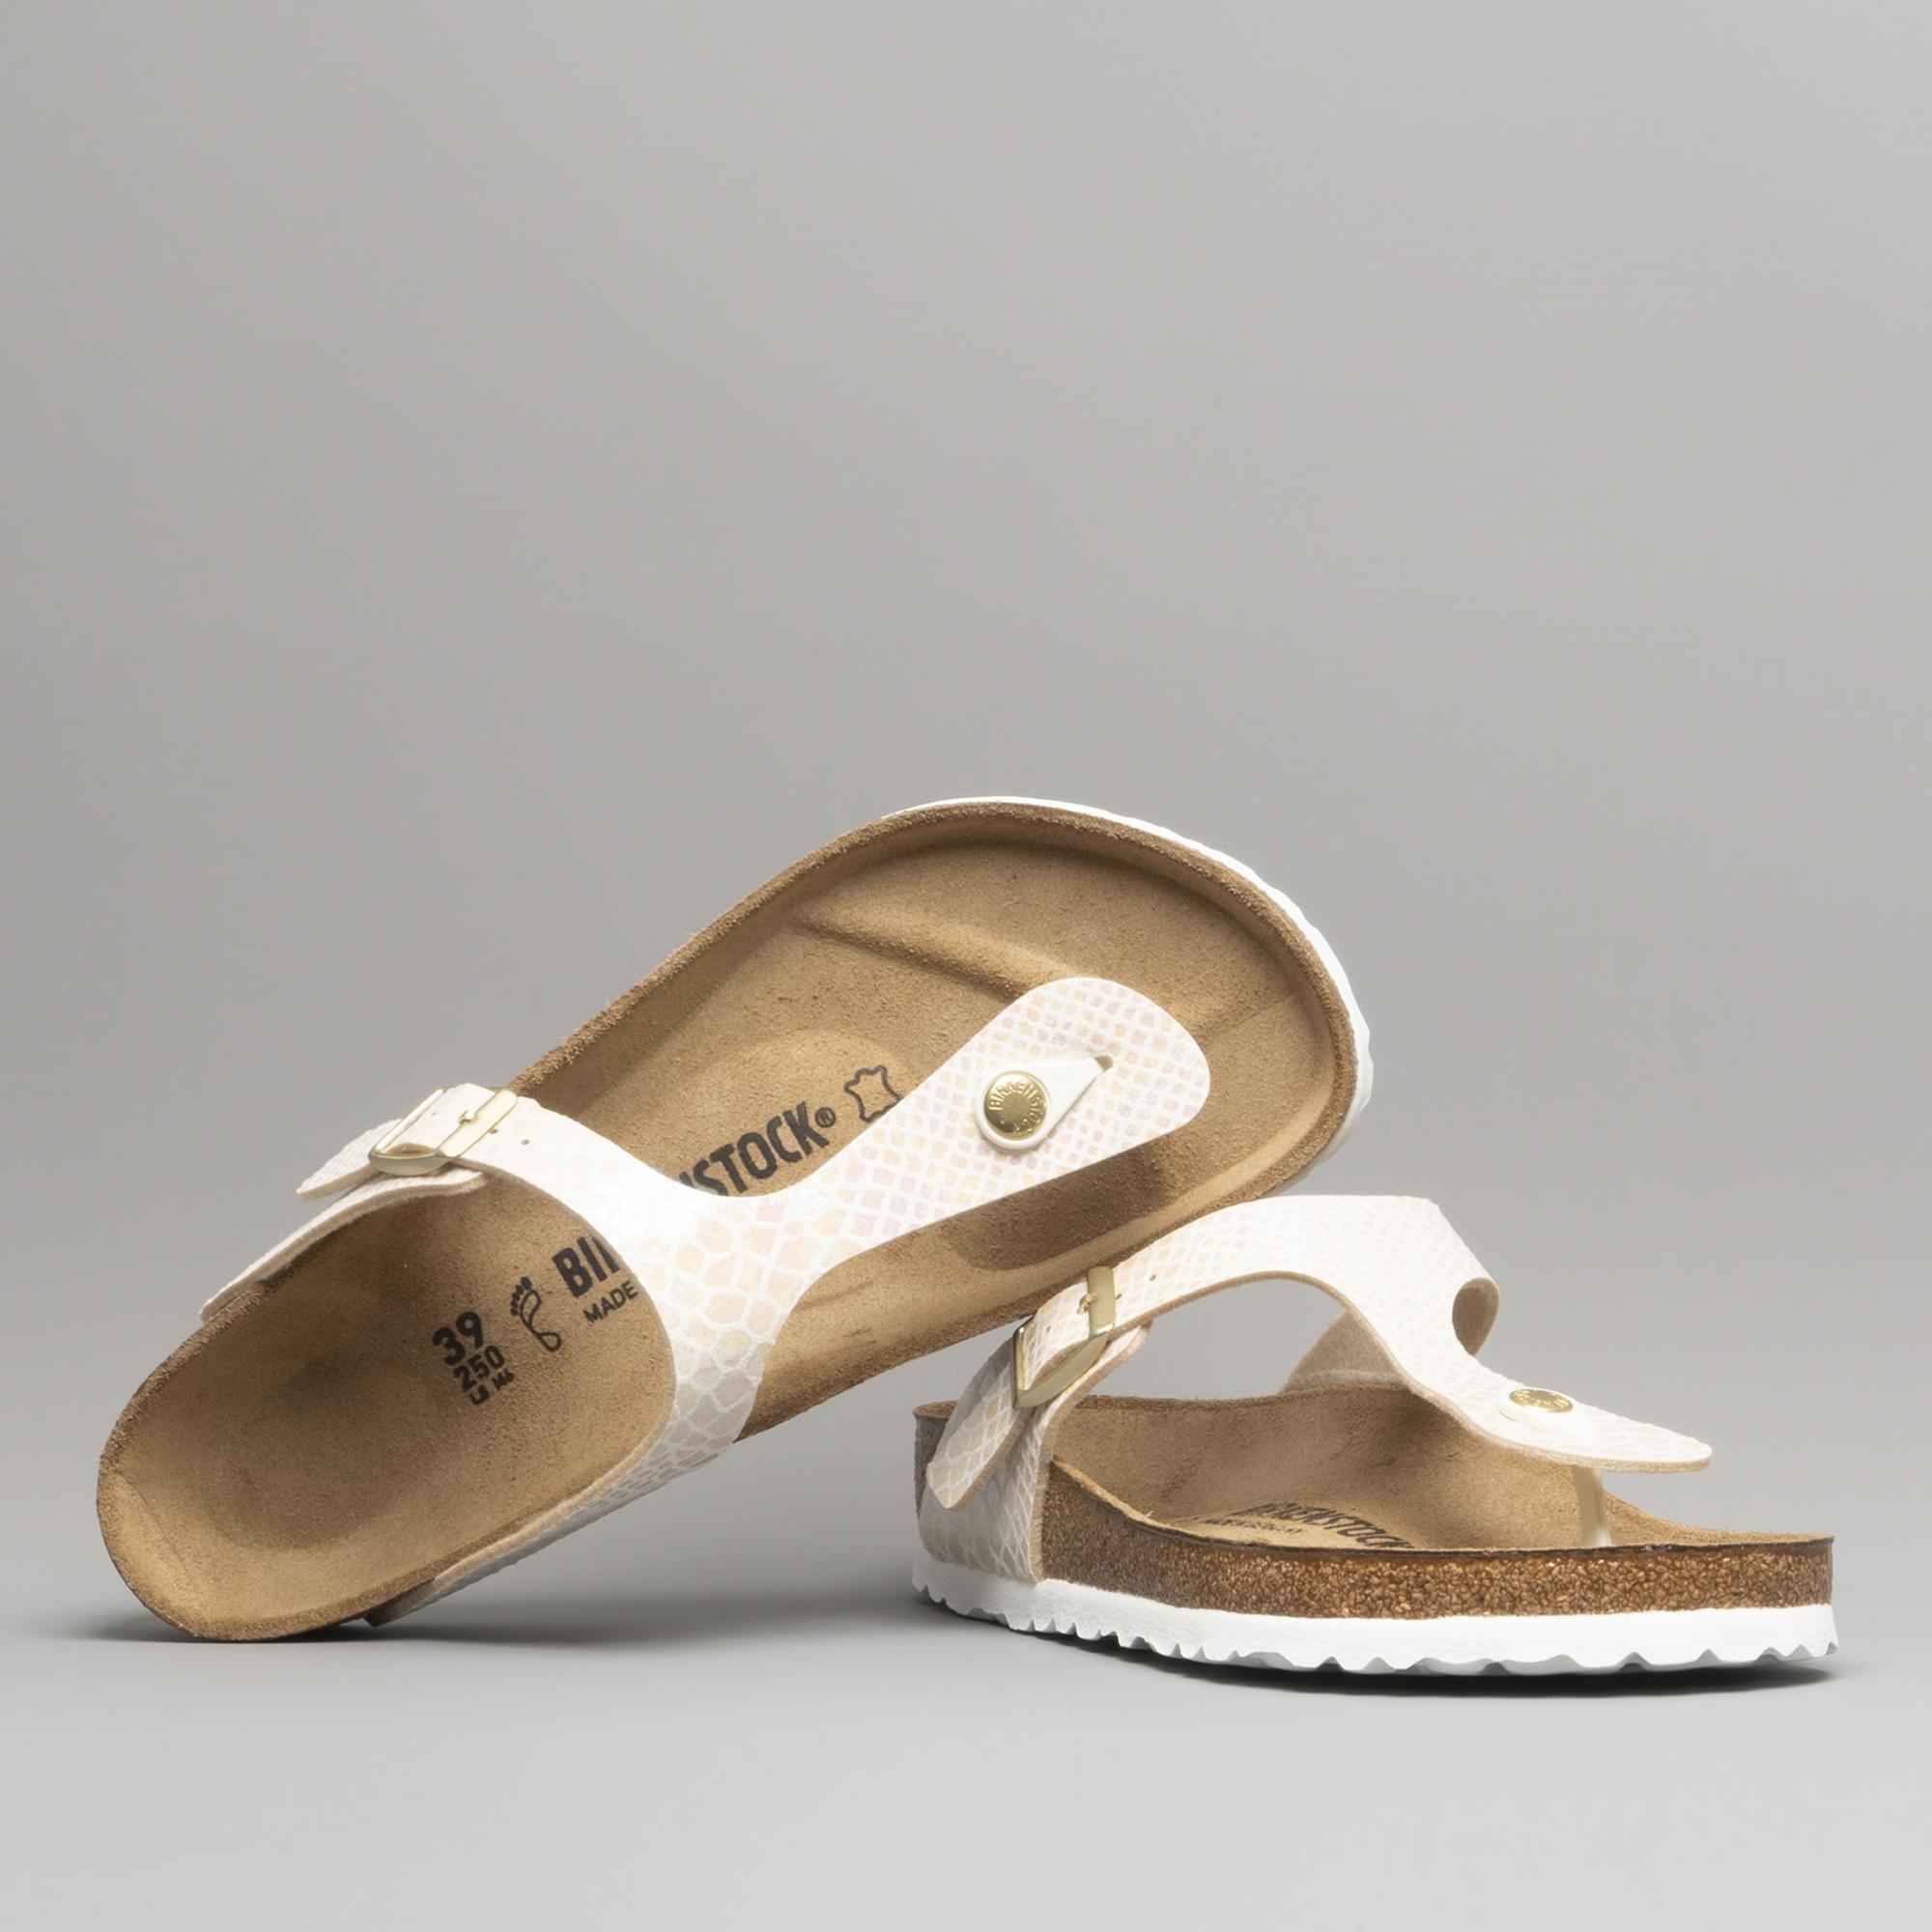 38198774baa1 Birkenstock GIZEH 847431 Ladies Toe Post Sandals Snake Cream